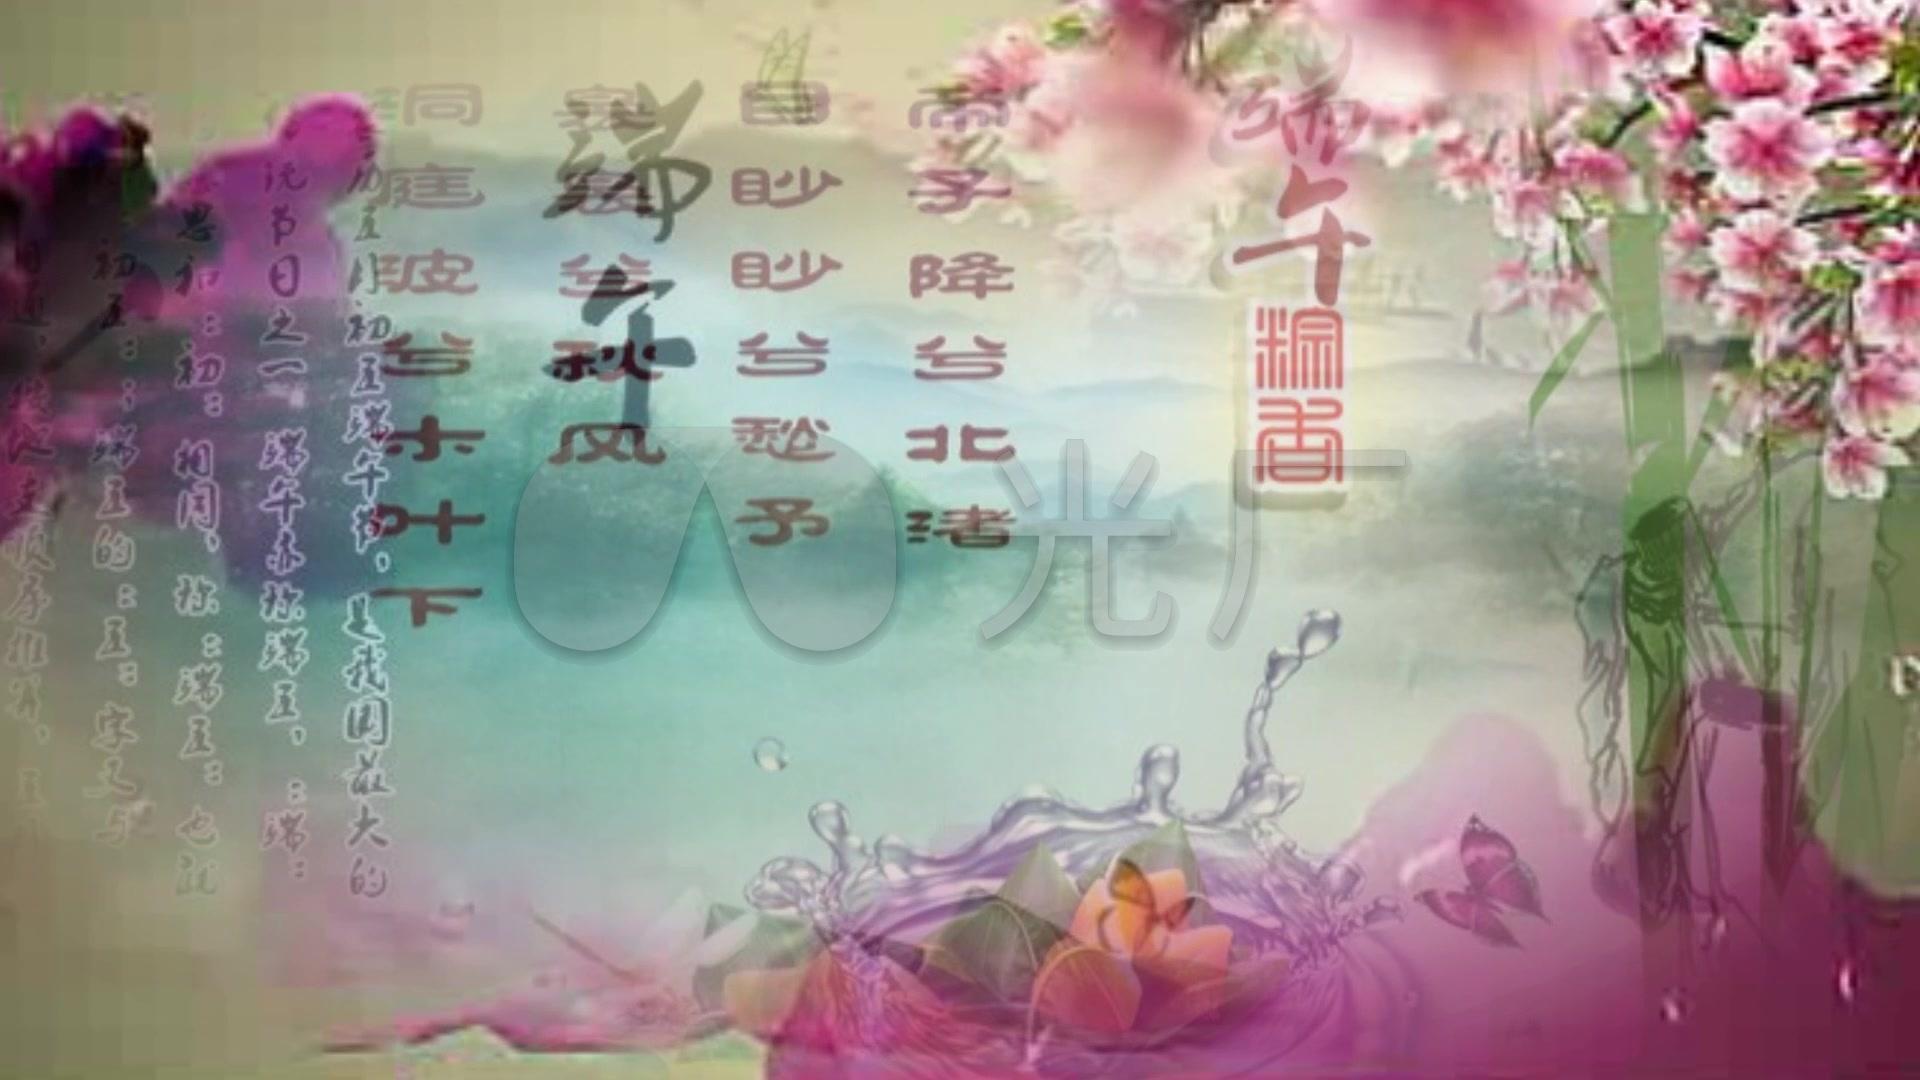 成品于文华歌曲舞台离骚配乐背景_1920X108ps视频功能图片